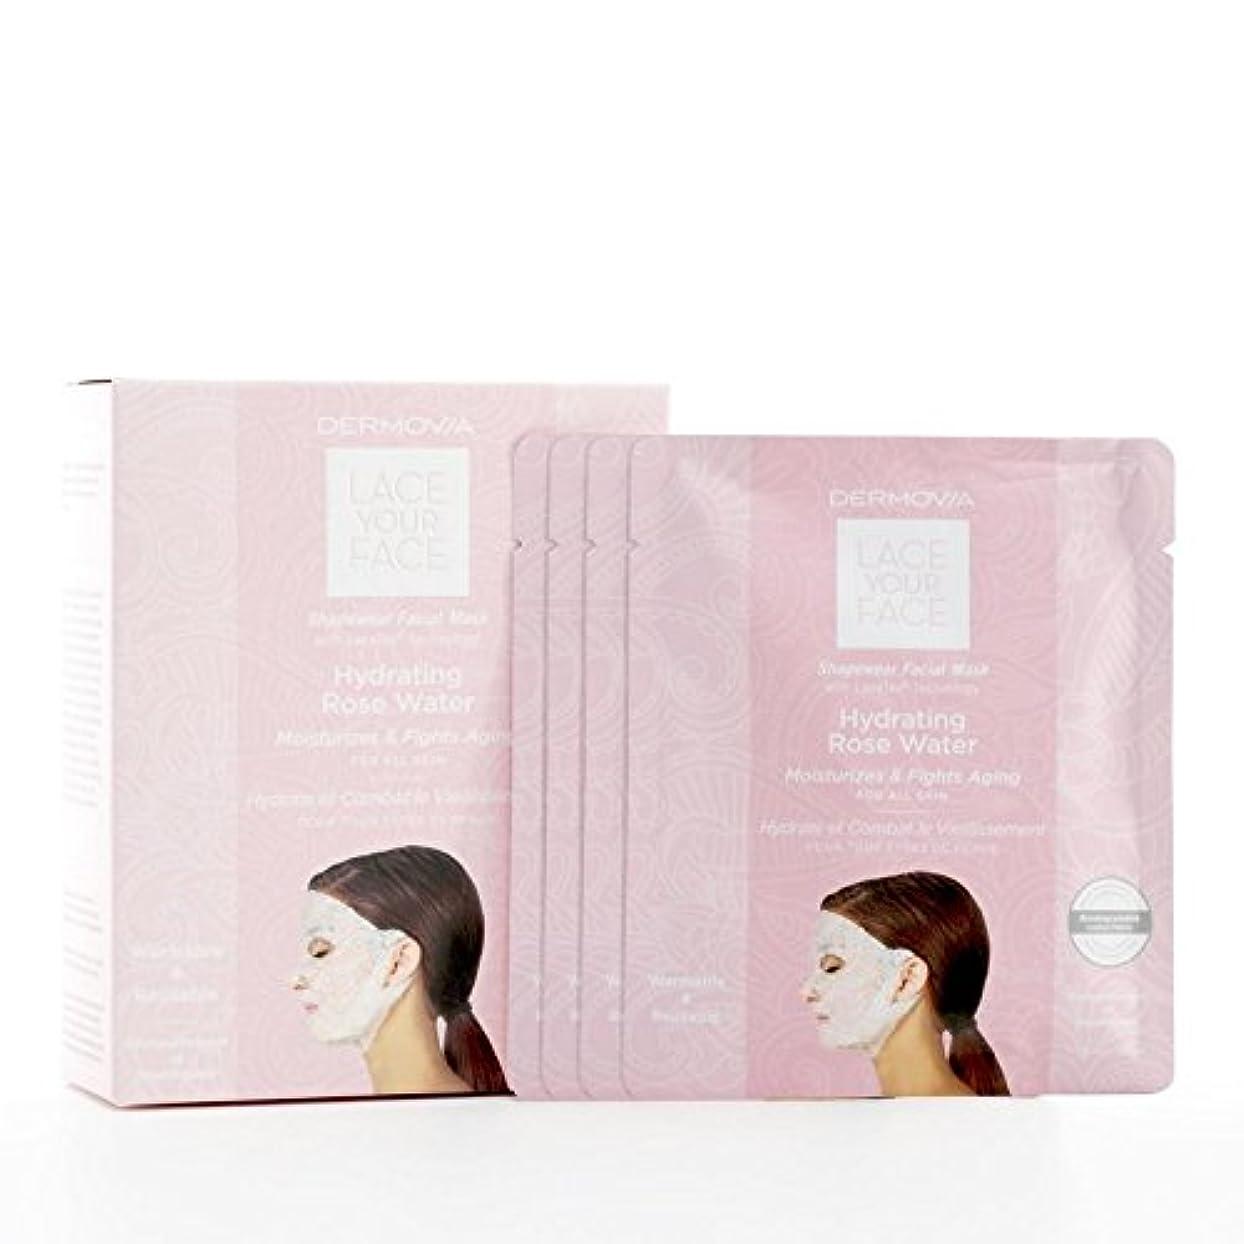 政治家の魅力敗北は、あなたの顔の圧縮フェイシャルマスク水和が水をバラレース x2 - Dermovia Lace Your Face Compression Facial Mask Hydrating Rose Water (Pack...